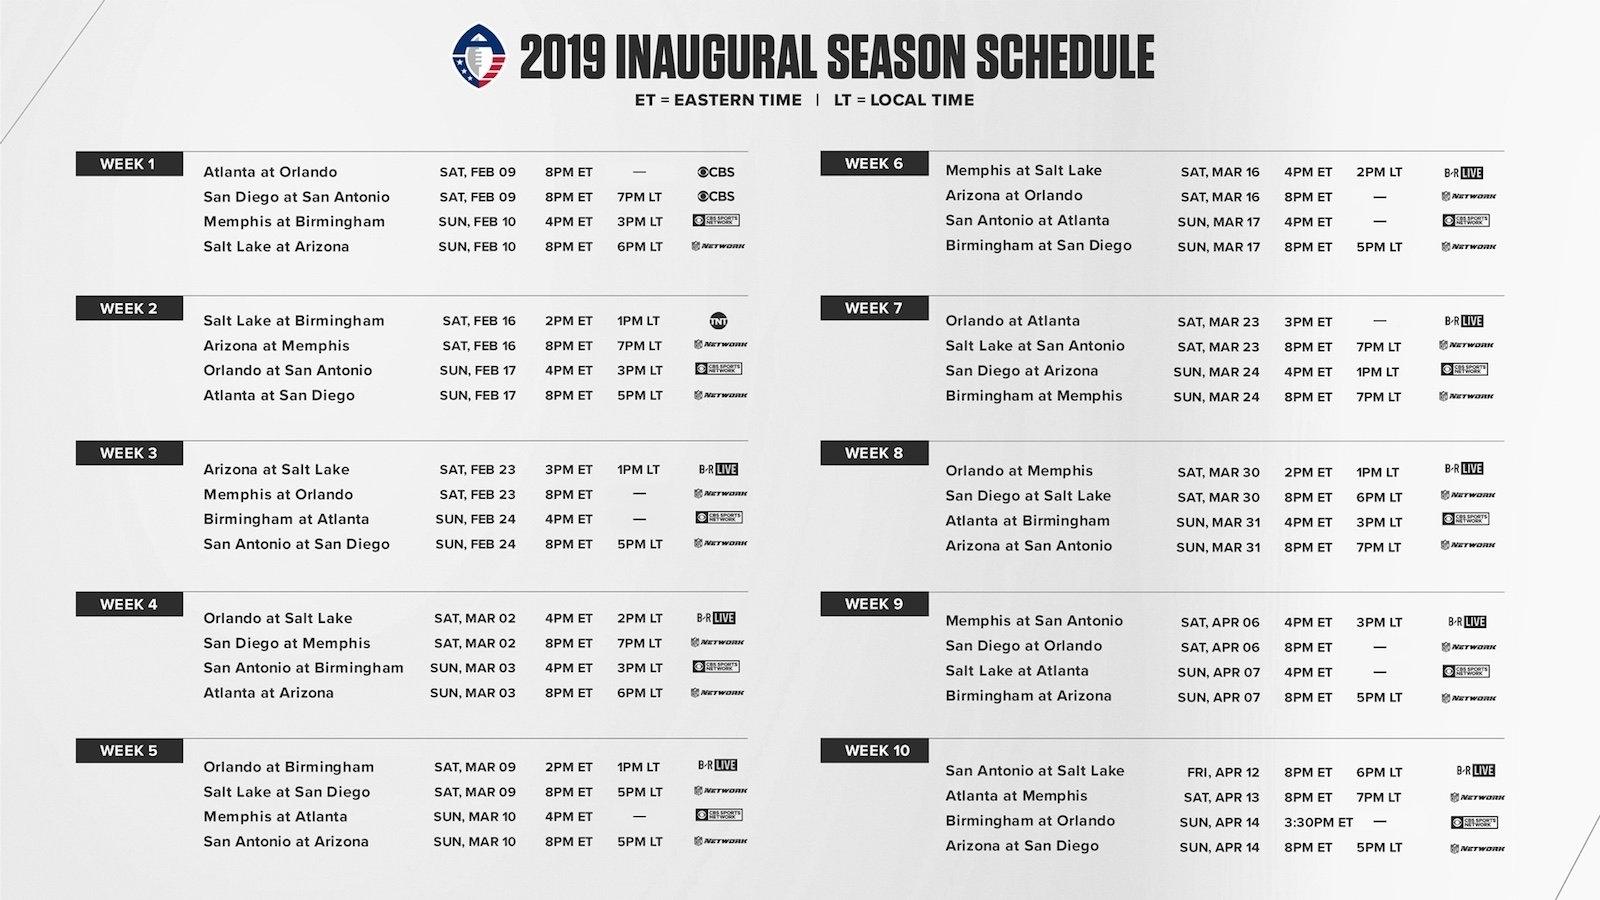 Aaf Football: 2019 Season Schedule For Alliance Of American regarding Printable Nfl Schedule 2019 2020 Season